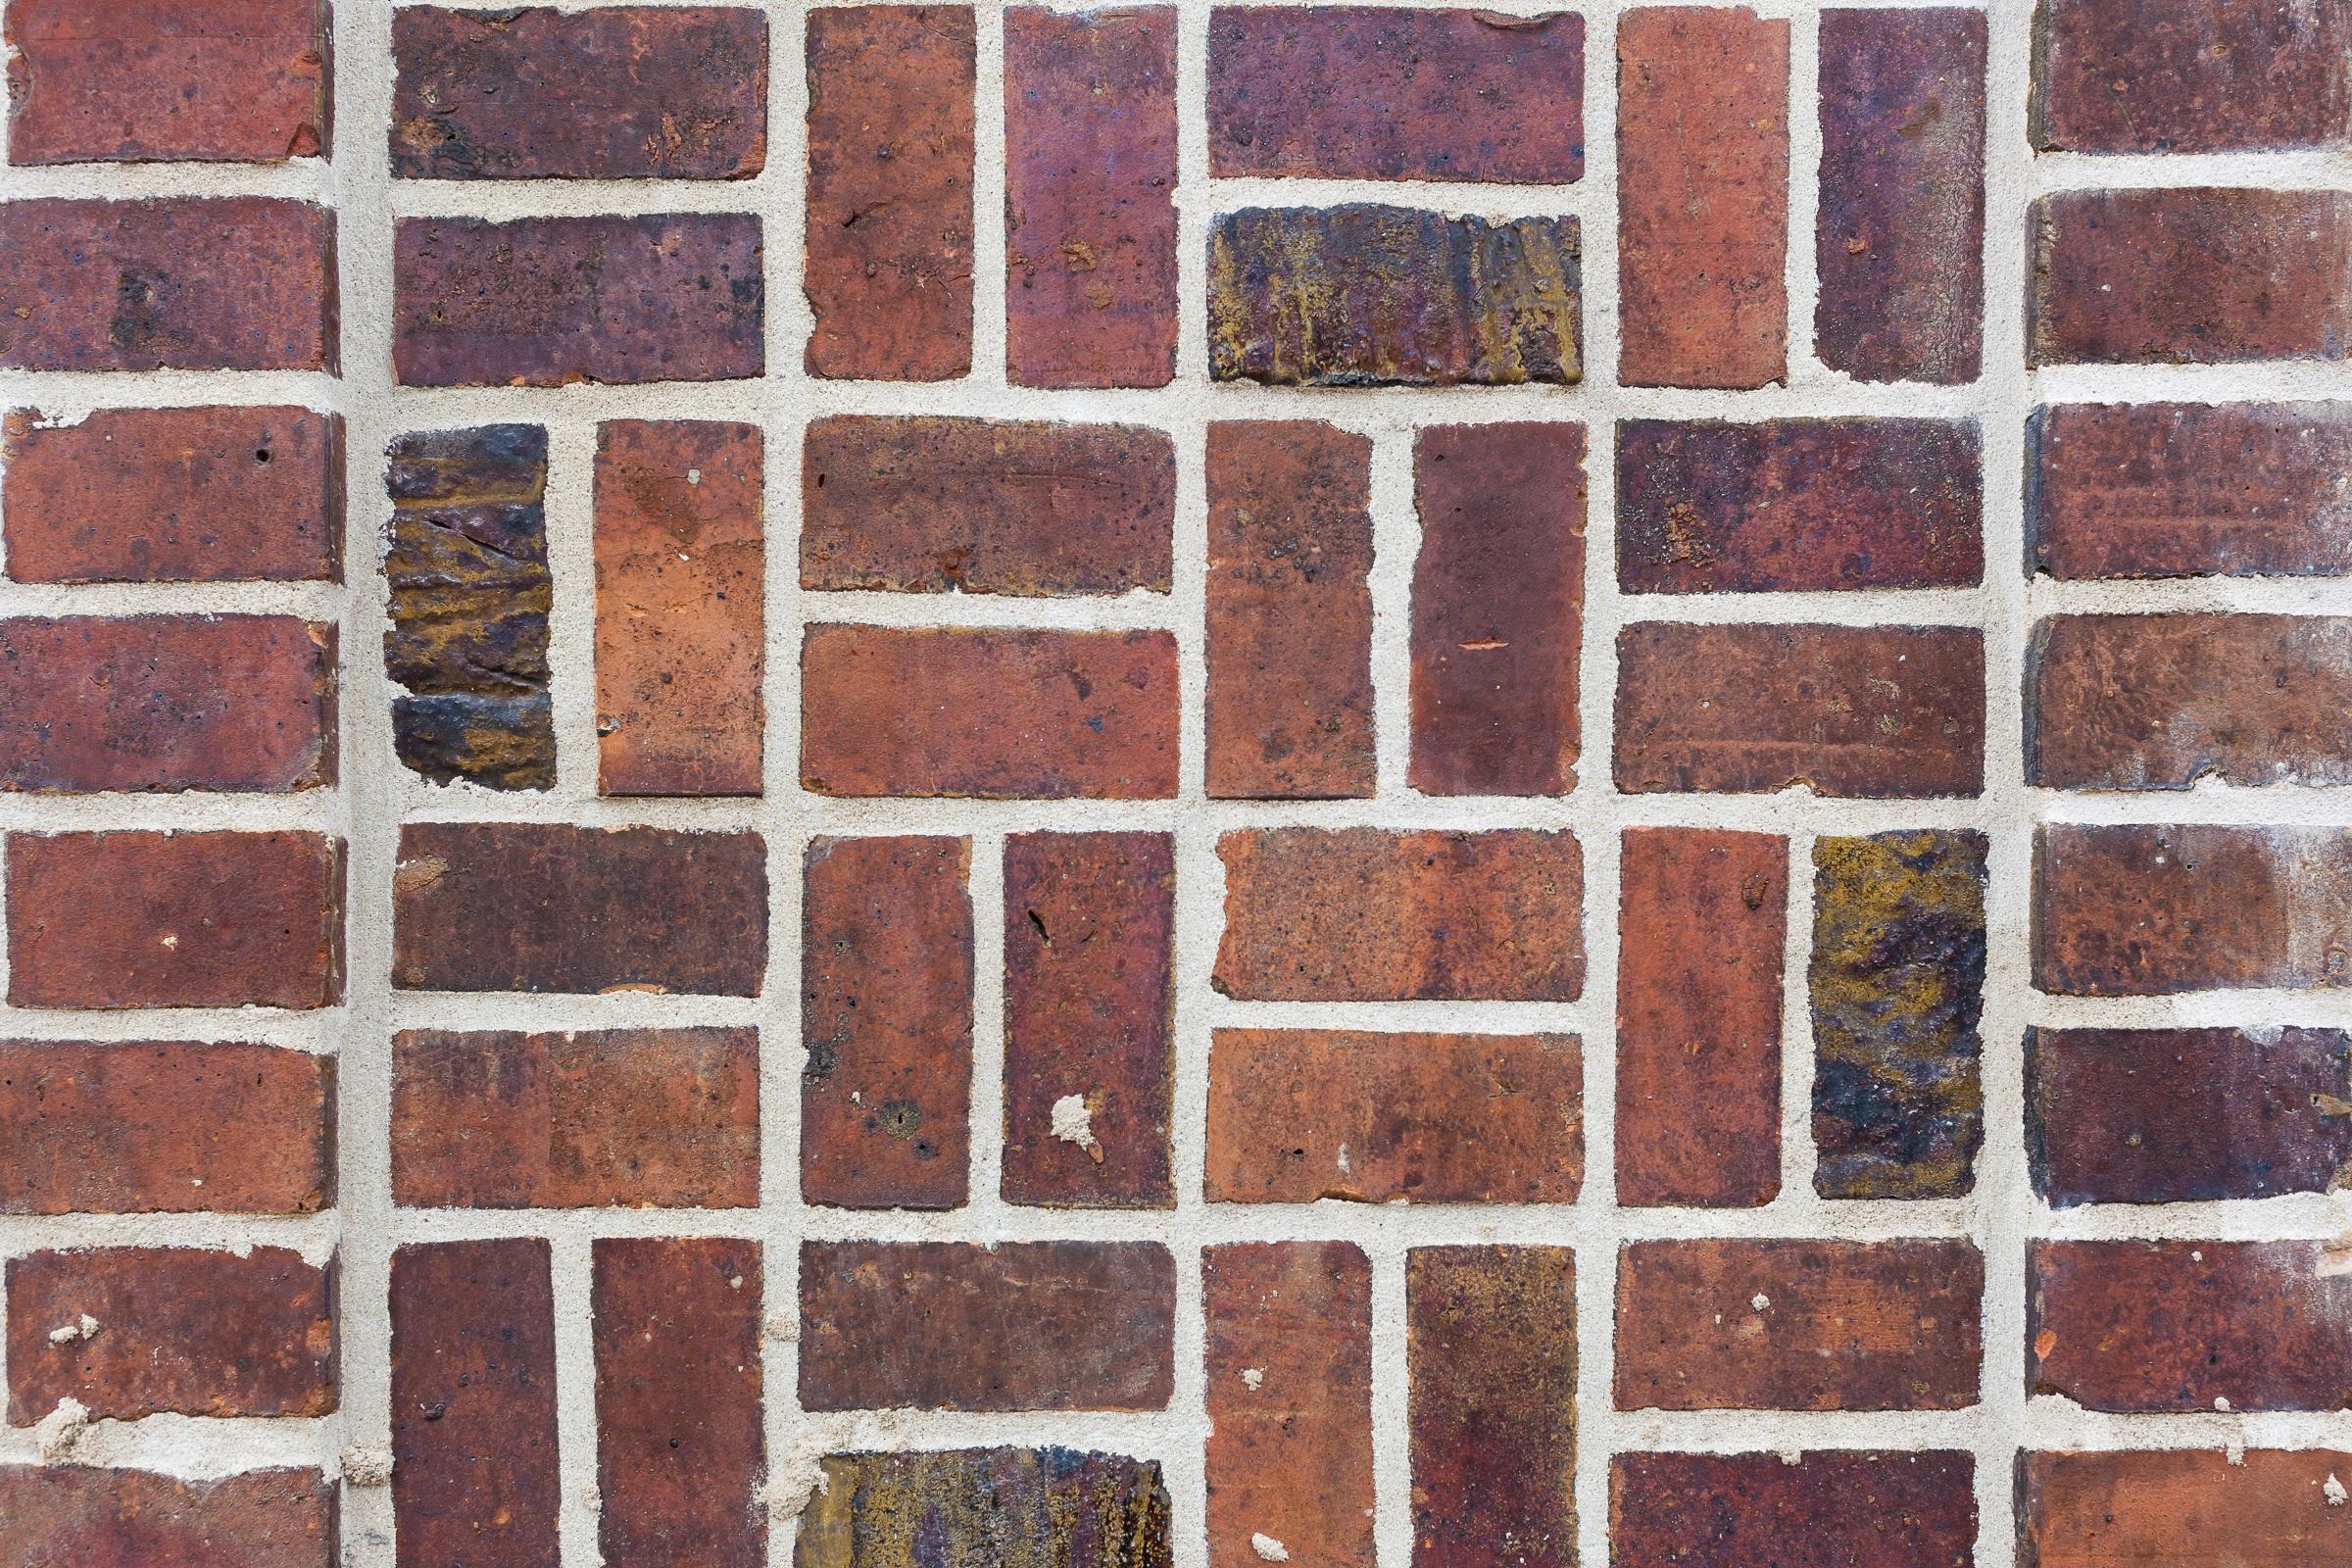 Fotos Gratis Textura Piso Urbano Construcci 243 N Patr 243 N